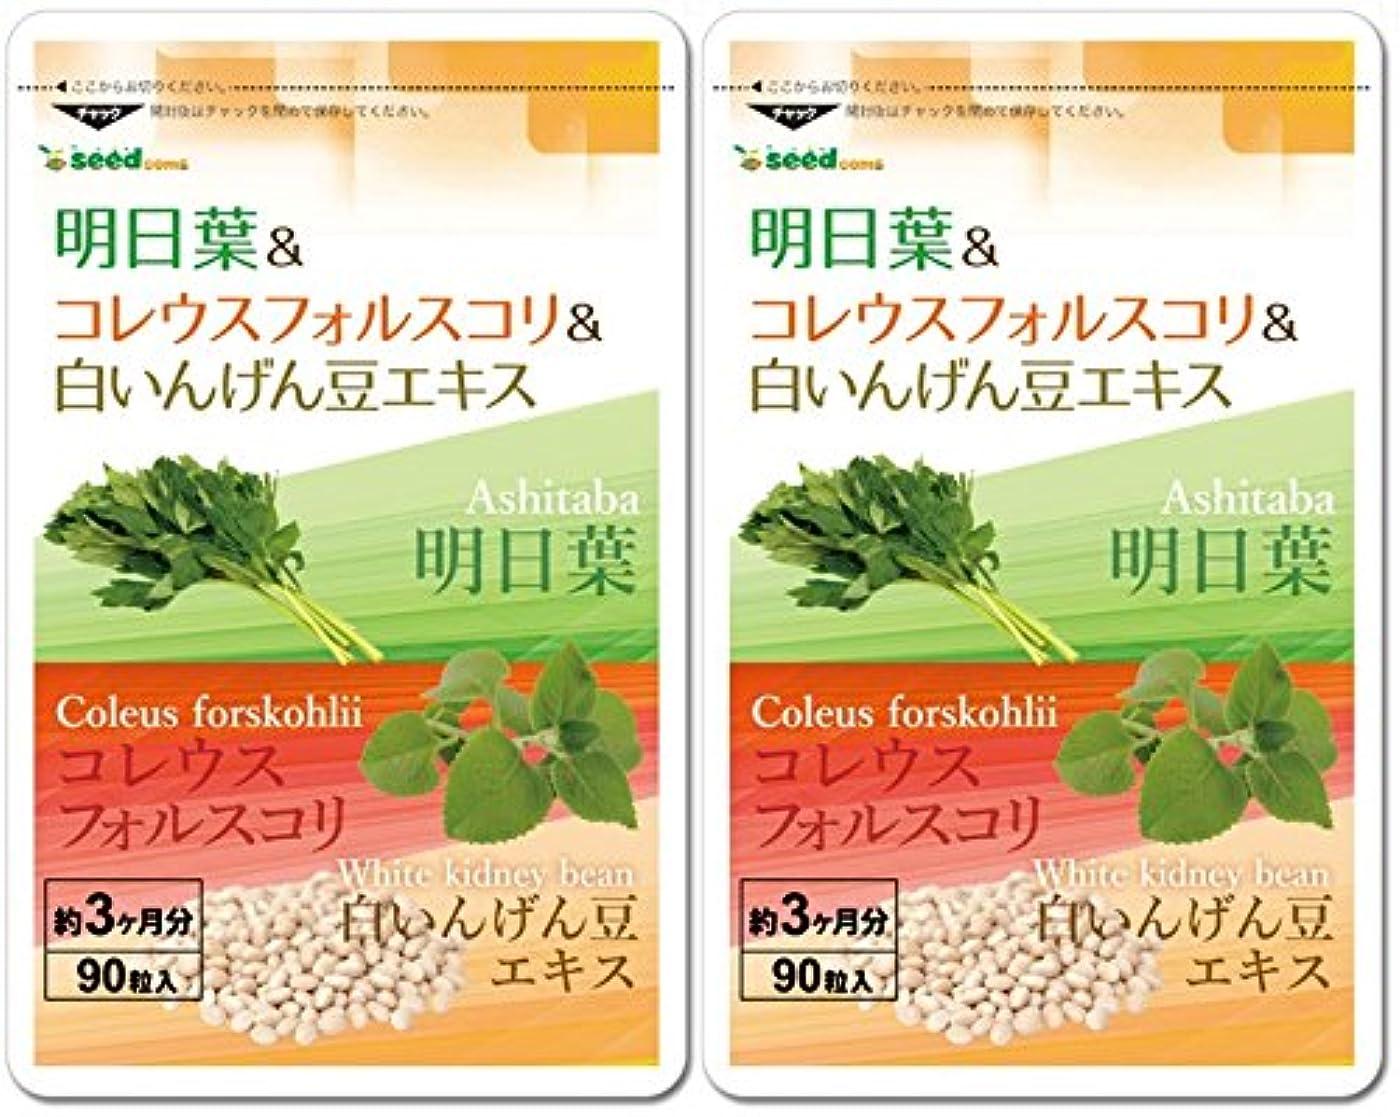 ポーターしないでください費用明日葉&コレウスフォルスコリ&白いんげん豆エキス (約6ヶ月分/180粒) スッキリ&燃焼系&糖質バリアの3大ダイエット成分